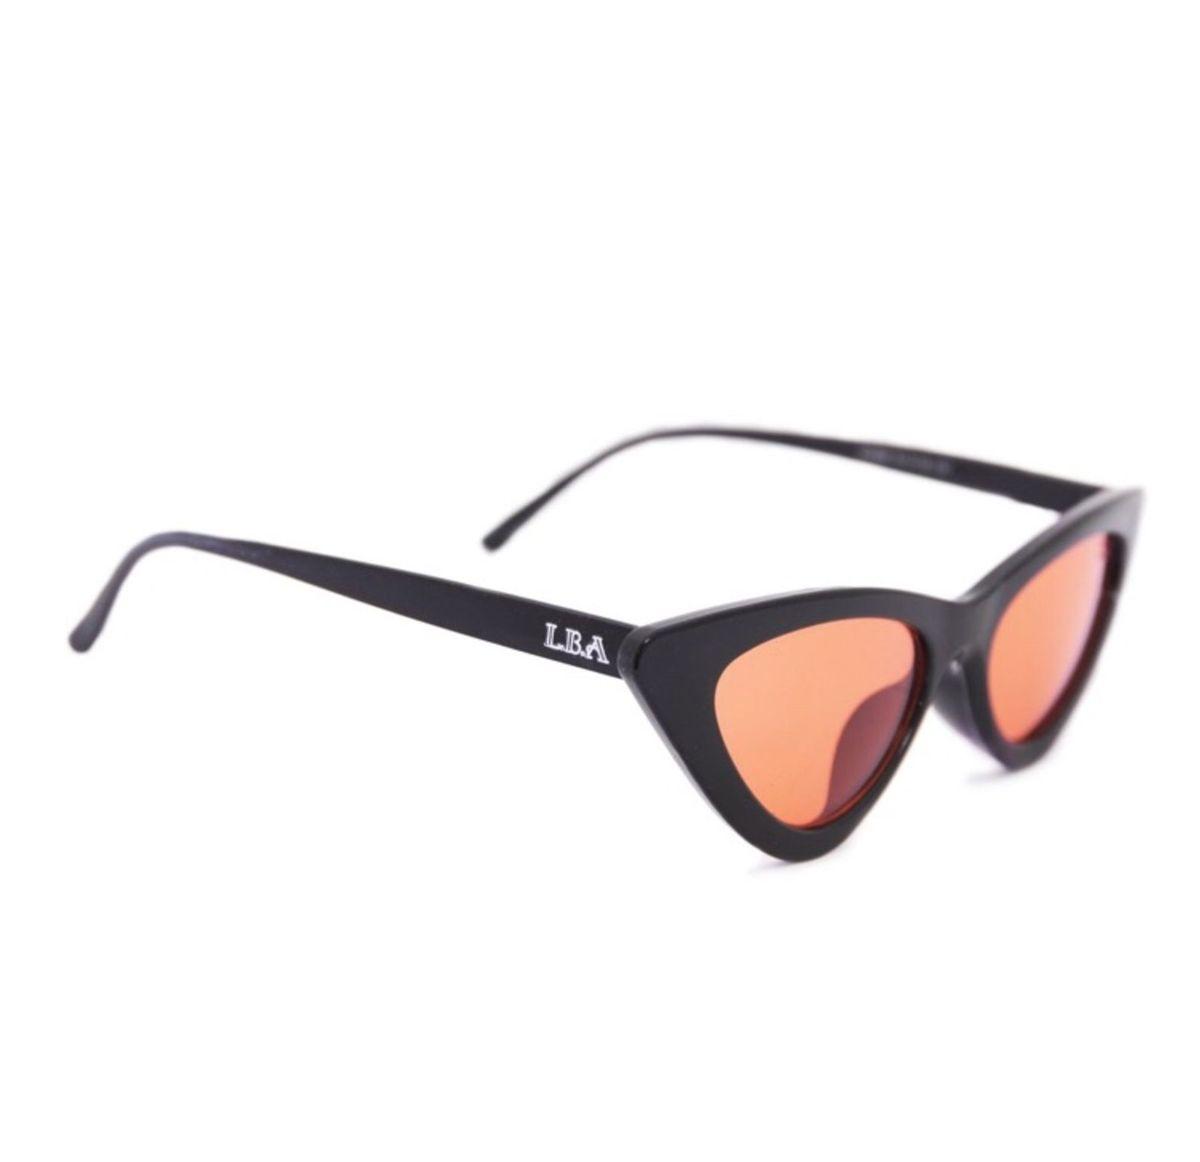 óculos retro gatinho 2.0 - óculos lba.  Czm6ly9wag90b3muzw5qb2vplmnvbs5ici9wcm9kdwn0cy8xmdexmdq5mc9kzdc0mdazmdvlzjbjngm0otrimznhmzbknzrkyjy4ny5qcgc  ... 94c5f8eb6c